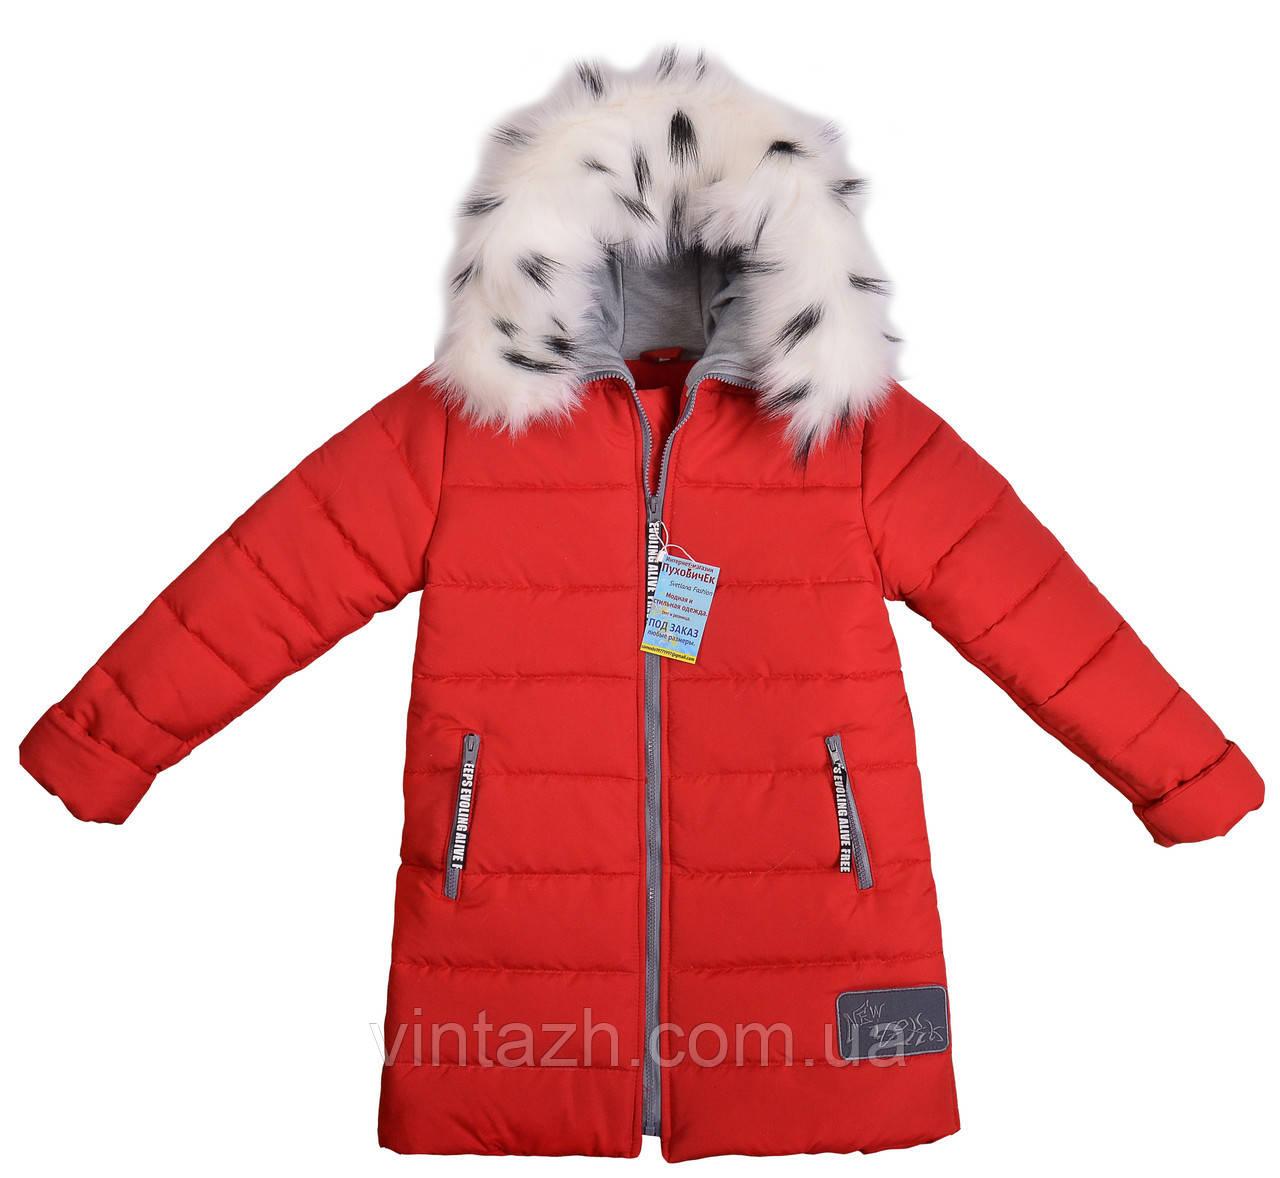 Зимние детские куртки  для девочек интернет магазин